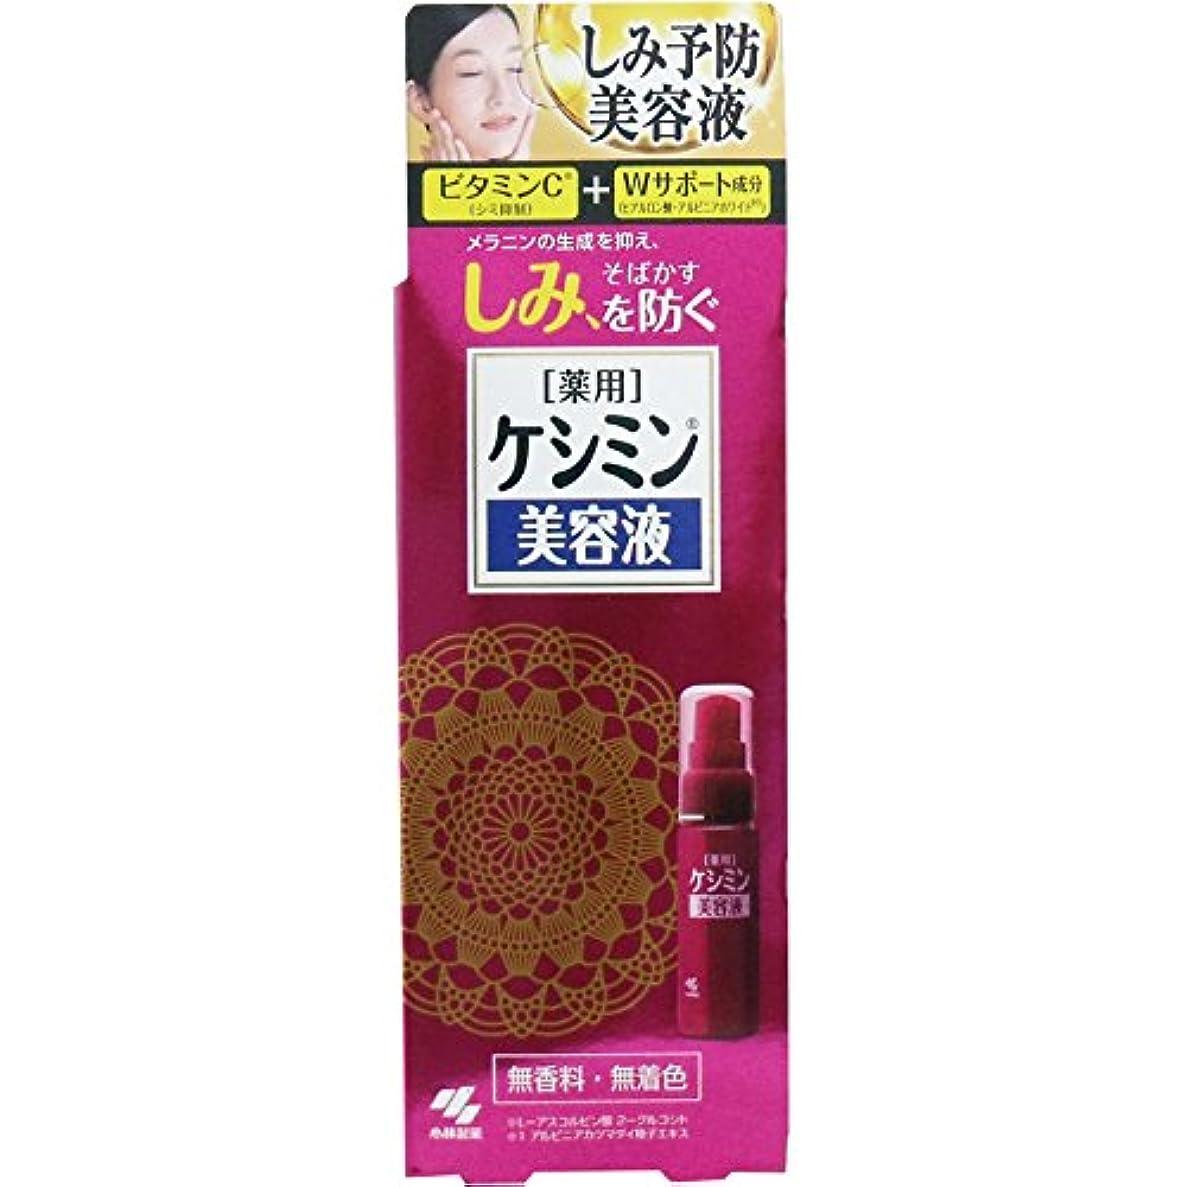 病なベイビーシングルケシミン美容液 シミを防ぐ 30ml×6個